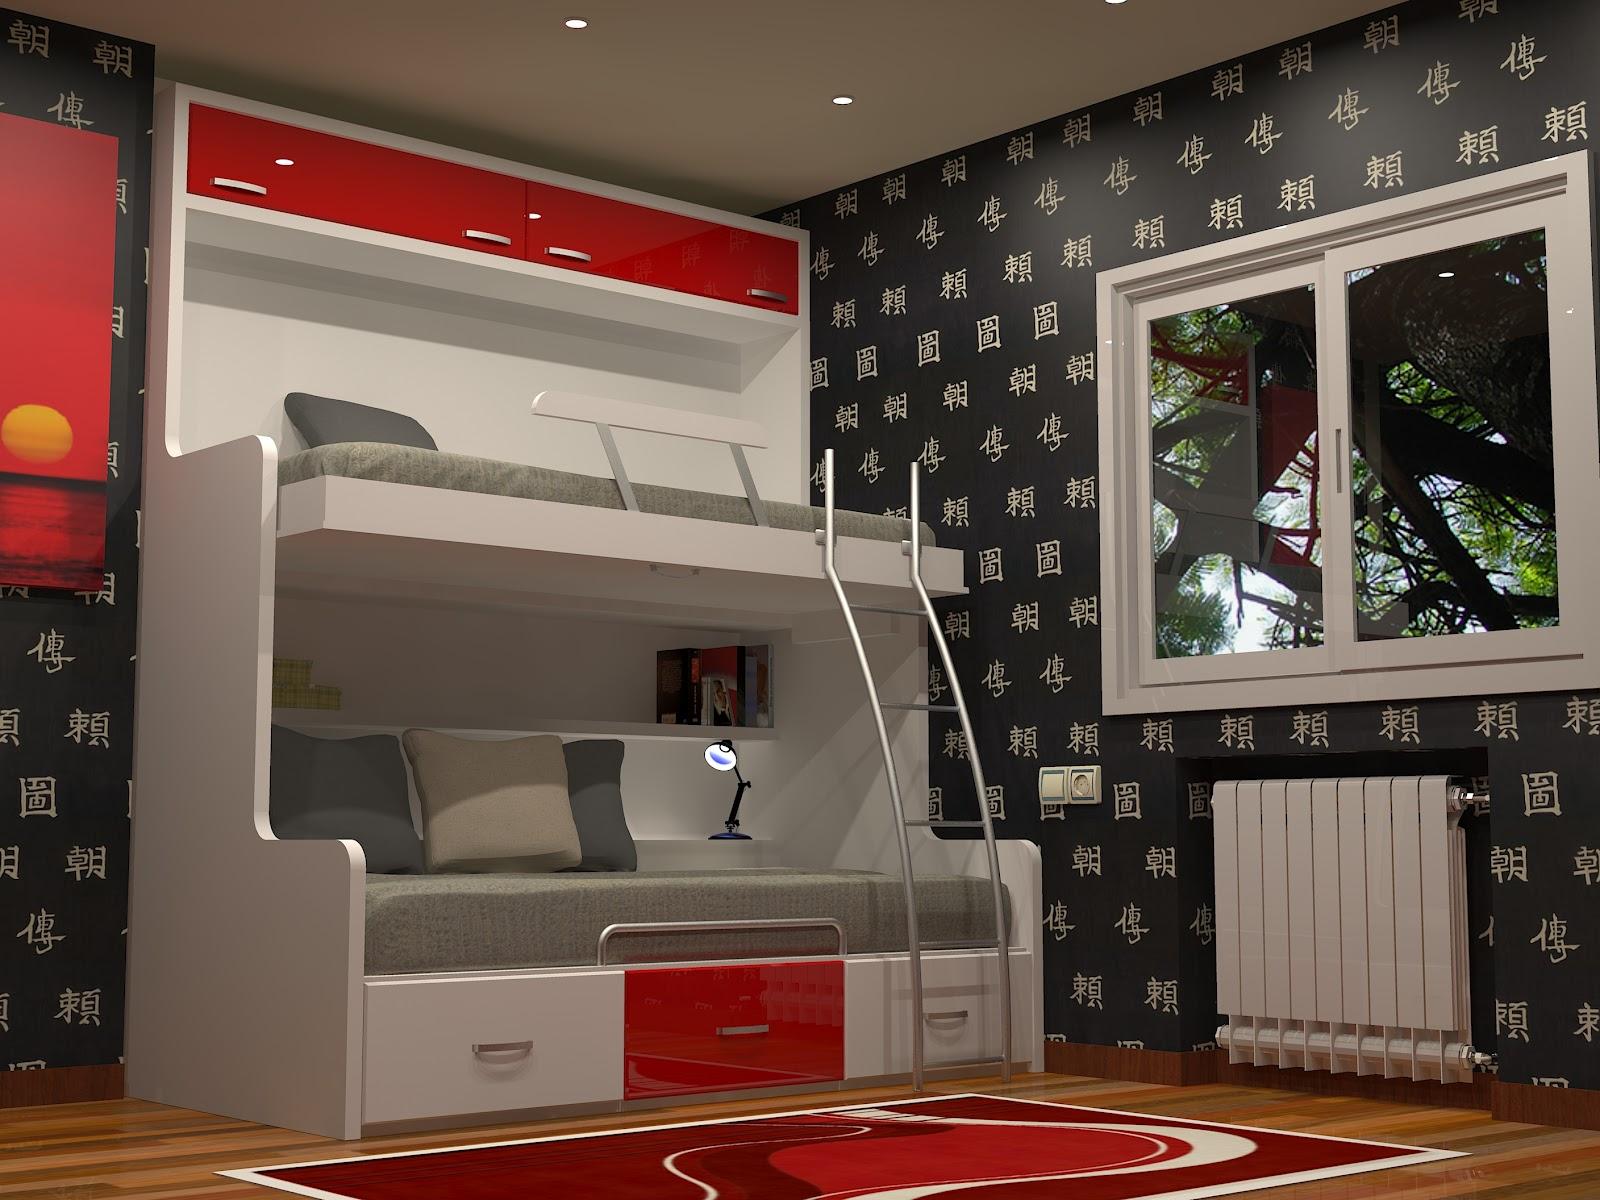 Camas Abatibles En Madrid Camas Abatibles Toledo Muebles  ~ Camas Abatibles Horizontales Ikea